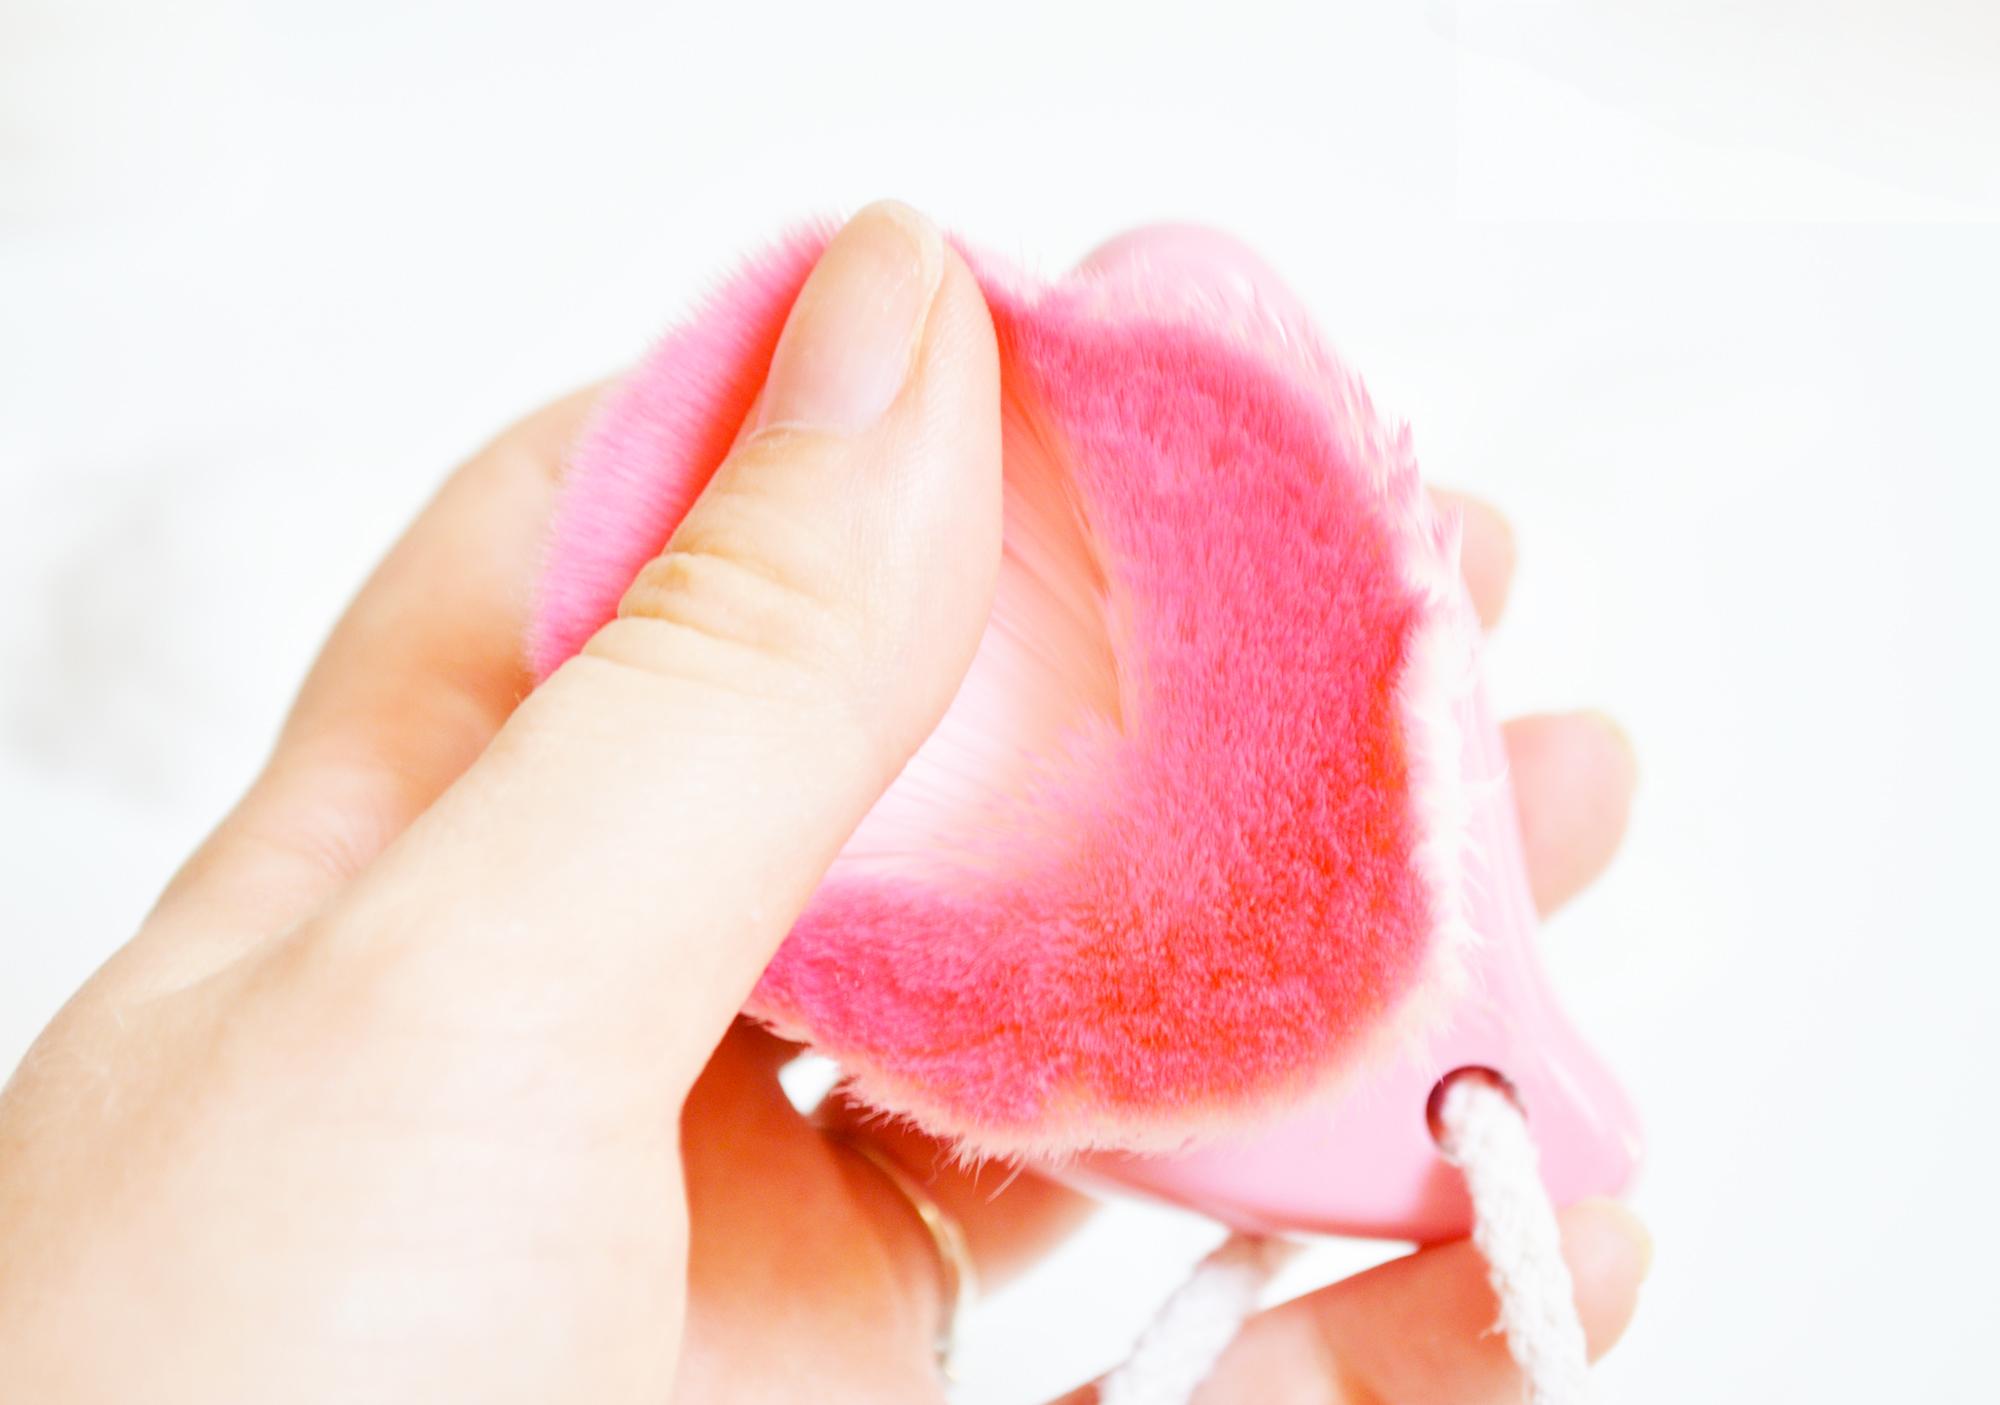 brosse-nettoyante-visage-coc-peach-coringco-revue